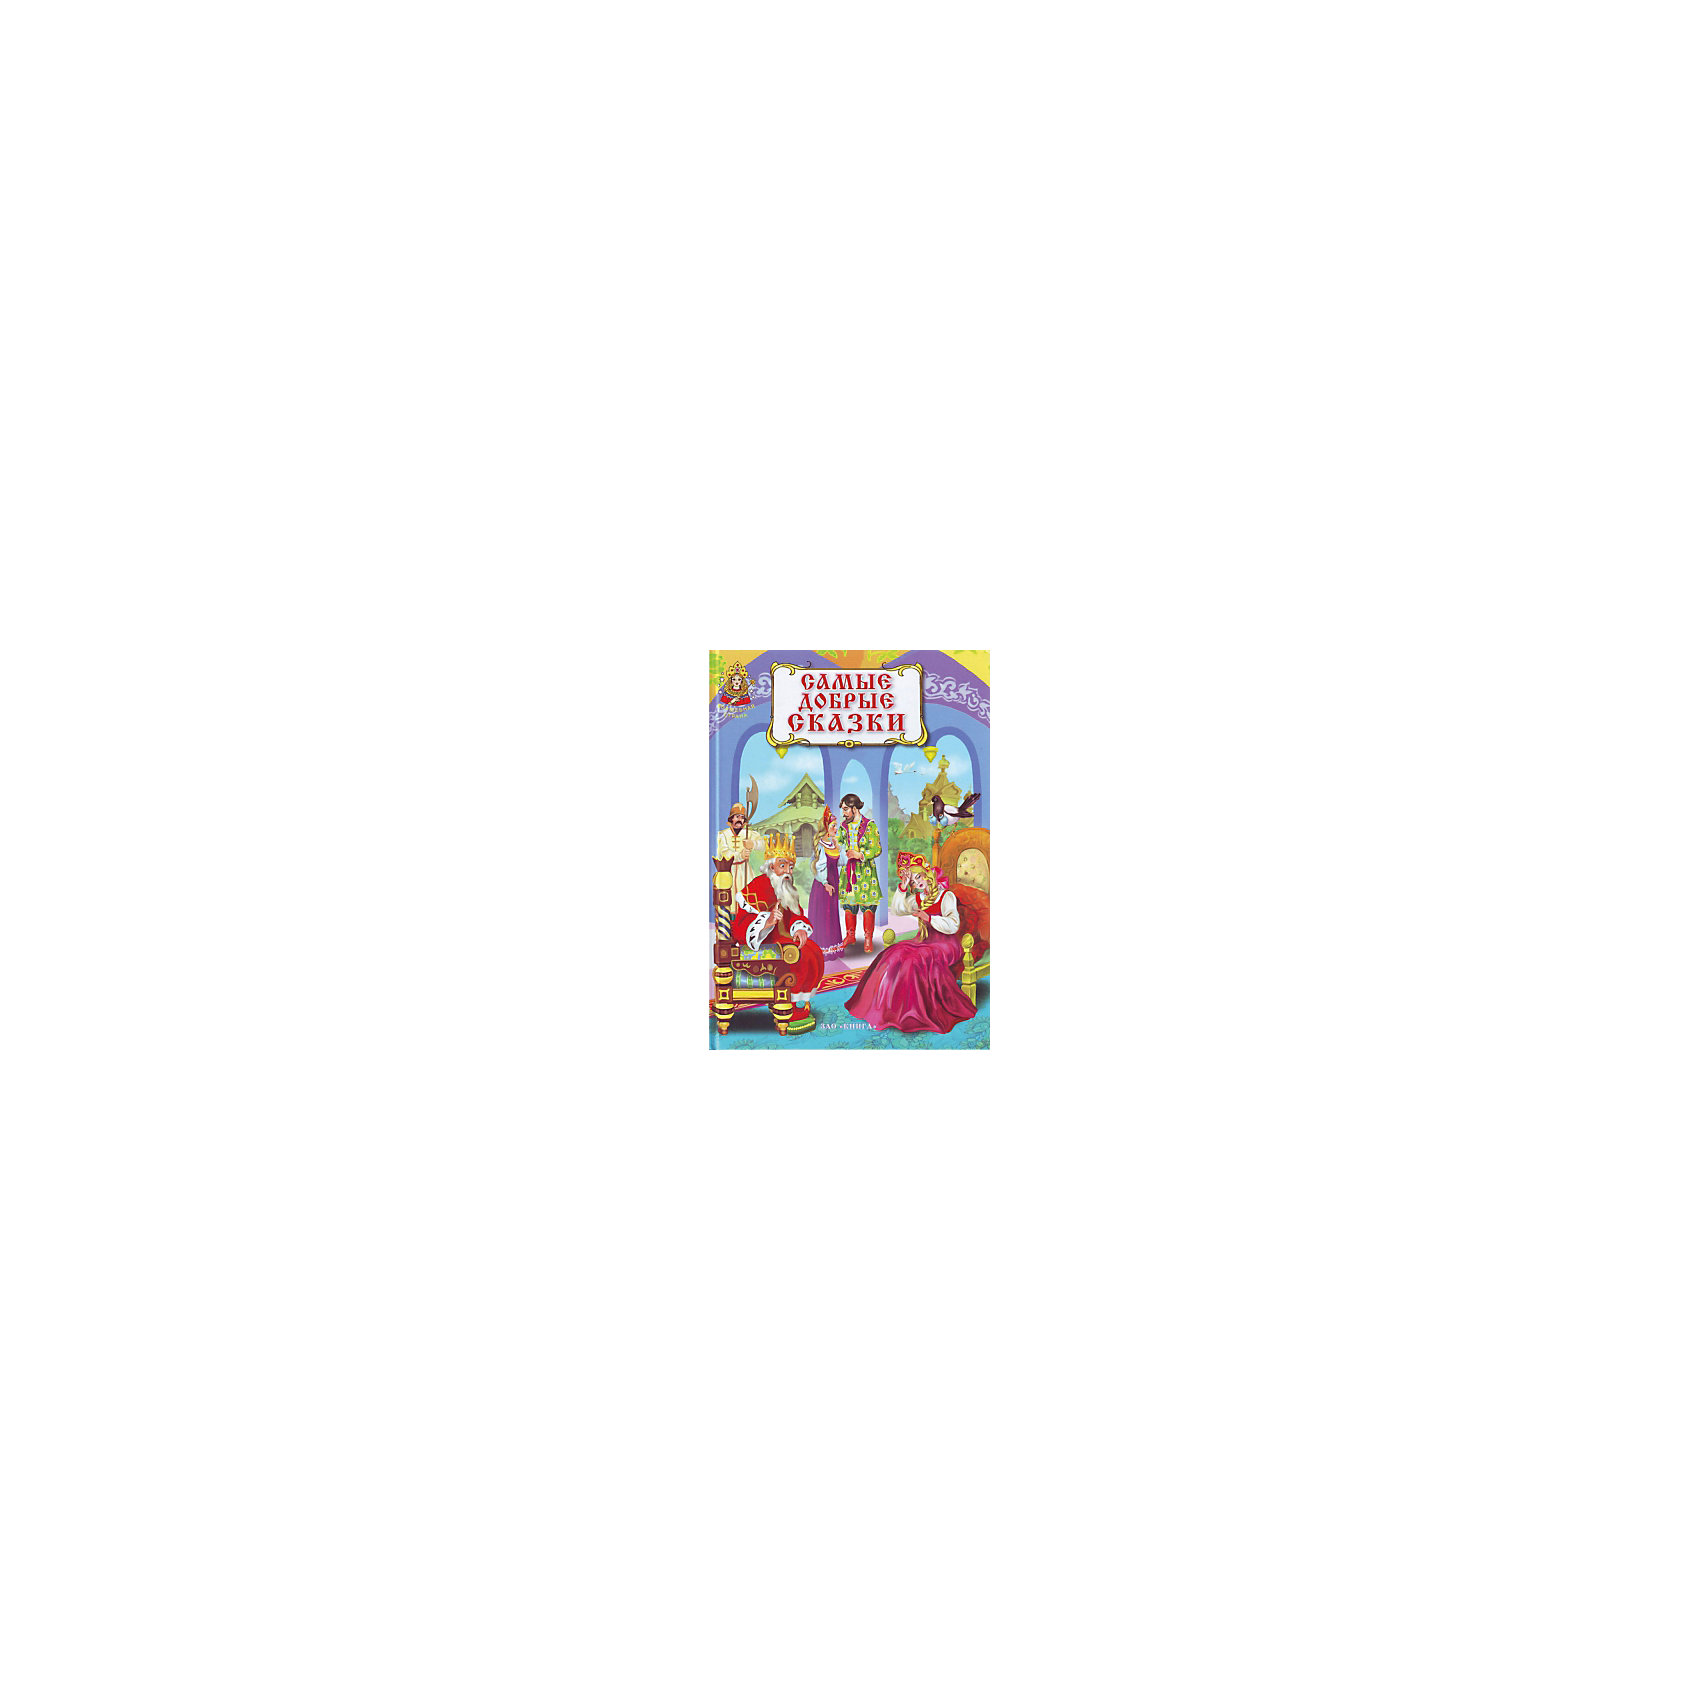 Самые добрые сказки: серия сказок Волшебная странаКрасочно иллюстрированная книга русских народных сказок.Для дошкольного и младшего школьного возраста.<br>В сборник входят сказки:<br>Хаврошечка<br>Серебряное блюдечко и наливное яблочко<br>Морозко<br>Сестрица Аленушка и братец Иванушка<br>Безногий и слепой богатыри<br>Терёшечка<br>Белая уточка<br>Наказанная царевна<br>Золотое веретено<br><br>Ширина мм: 245<br>Глубина мм: 170<br>Высота мм: 100<br>Вес г: 500<br>Возраст от месяцев: 36<br>Возраст до месяцев: 2147483647<br>Пол: Унисекс<br>Возраст: Детский<br>SKU: 5521189